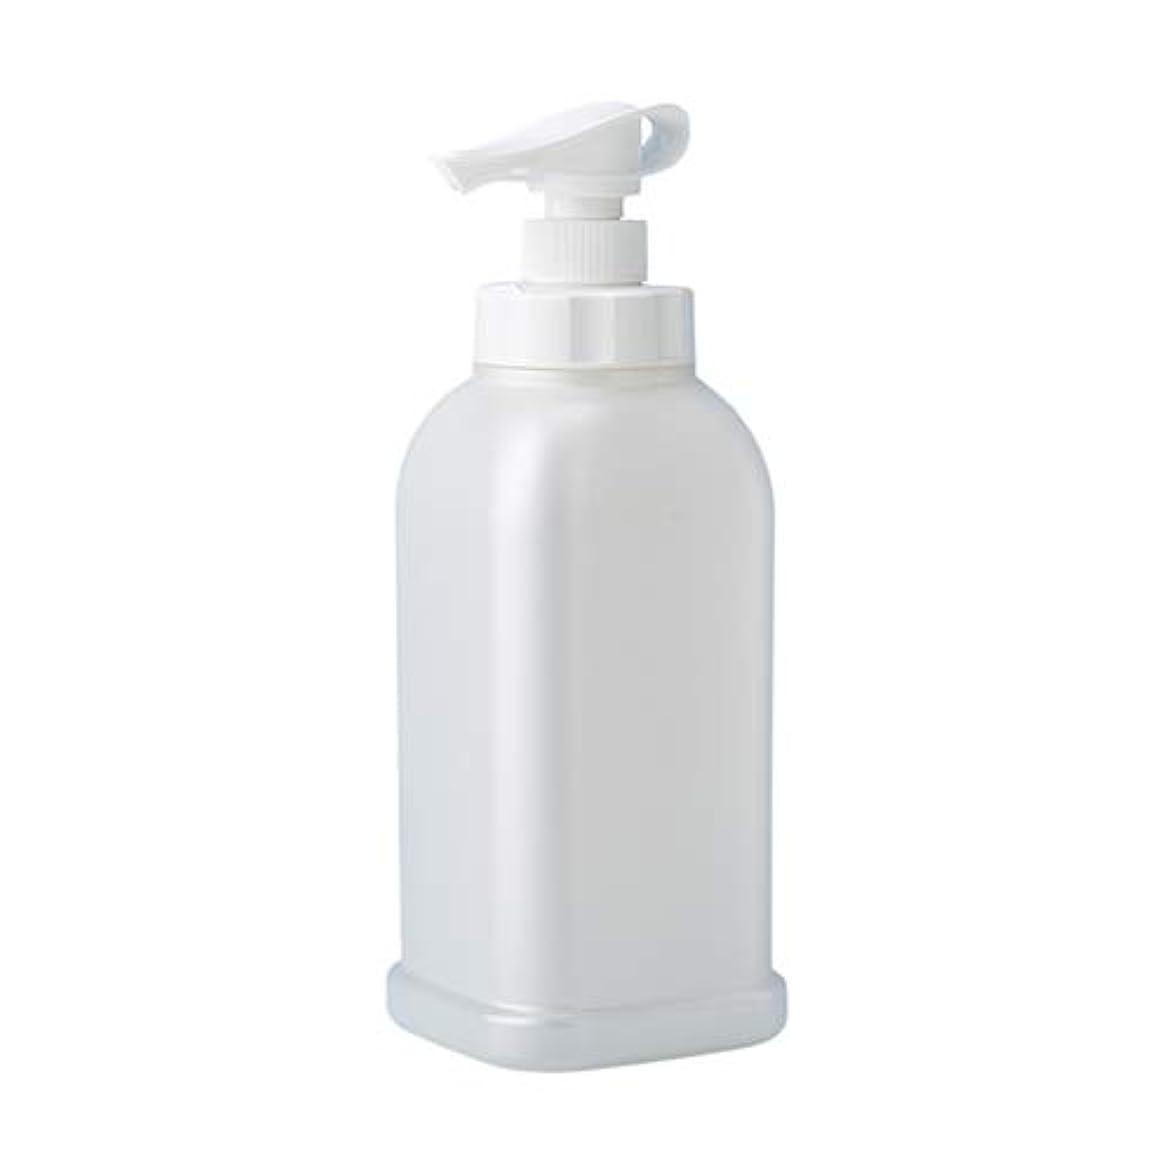 過半数フローティング傑出した安定感のある ポンプボトル シャンプー コンディショナー リンス ボディソープ ハンドソープ 1.2L詰め替え容器 パールホワイト